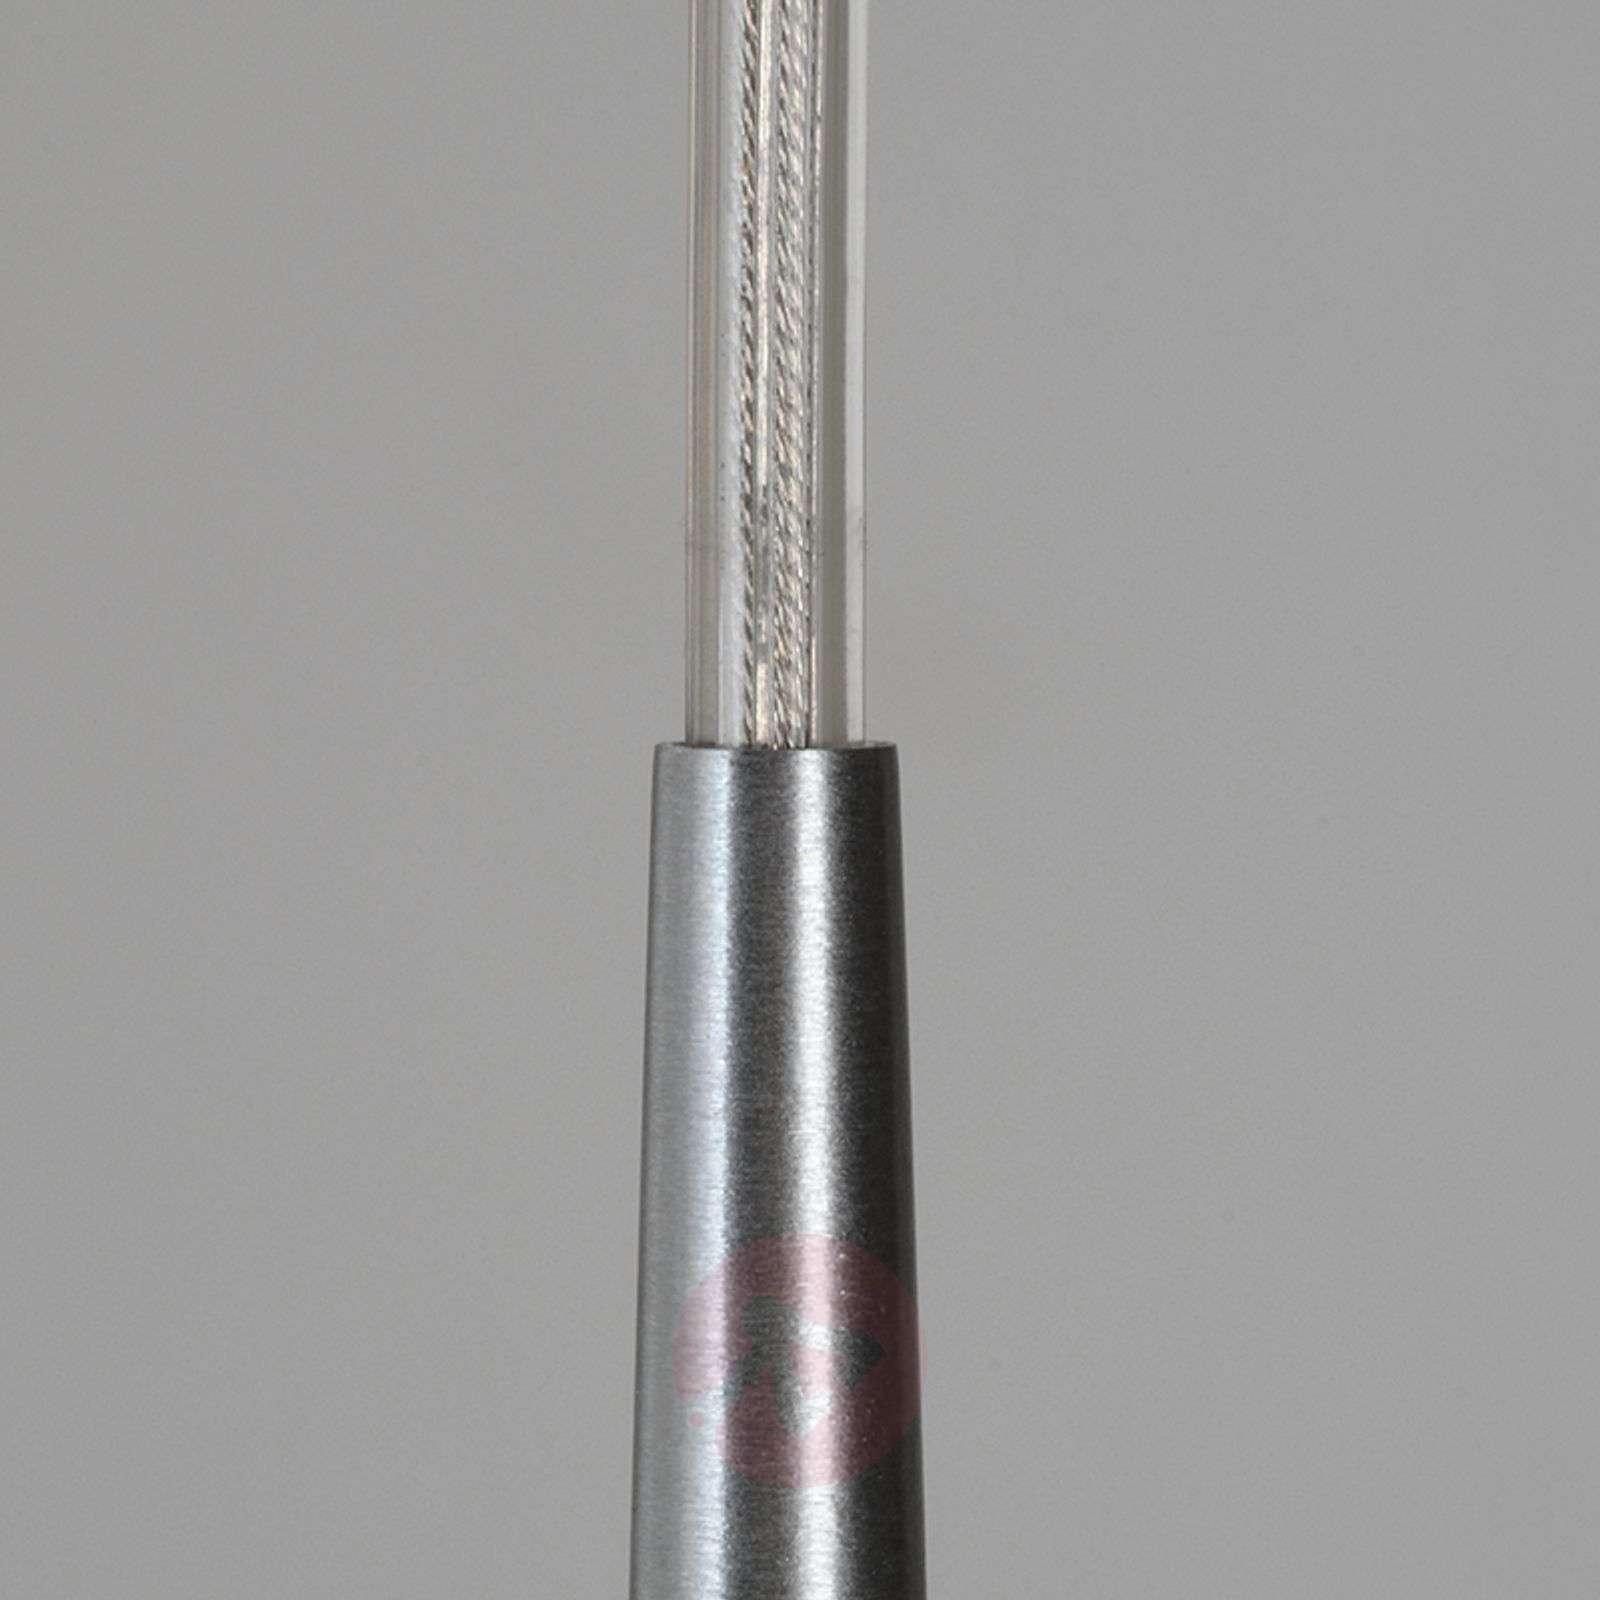 Casablanca Ball-riippuvalaisin, yksilamppuinen-2000232-01